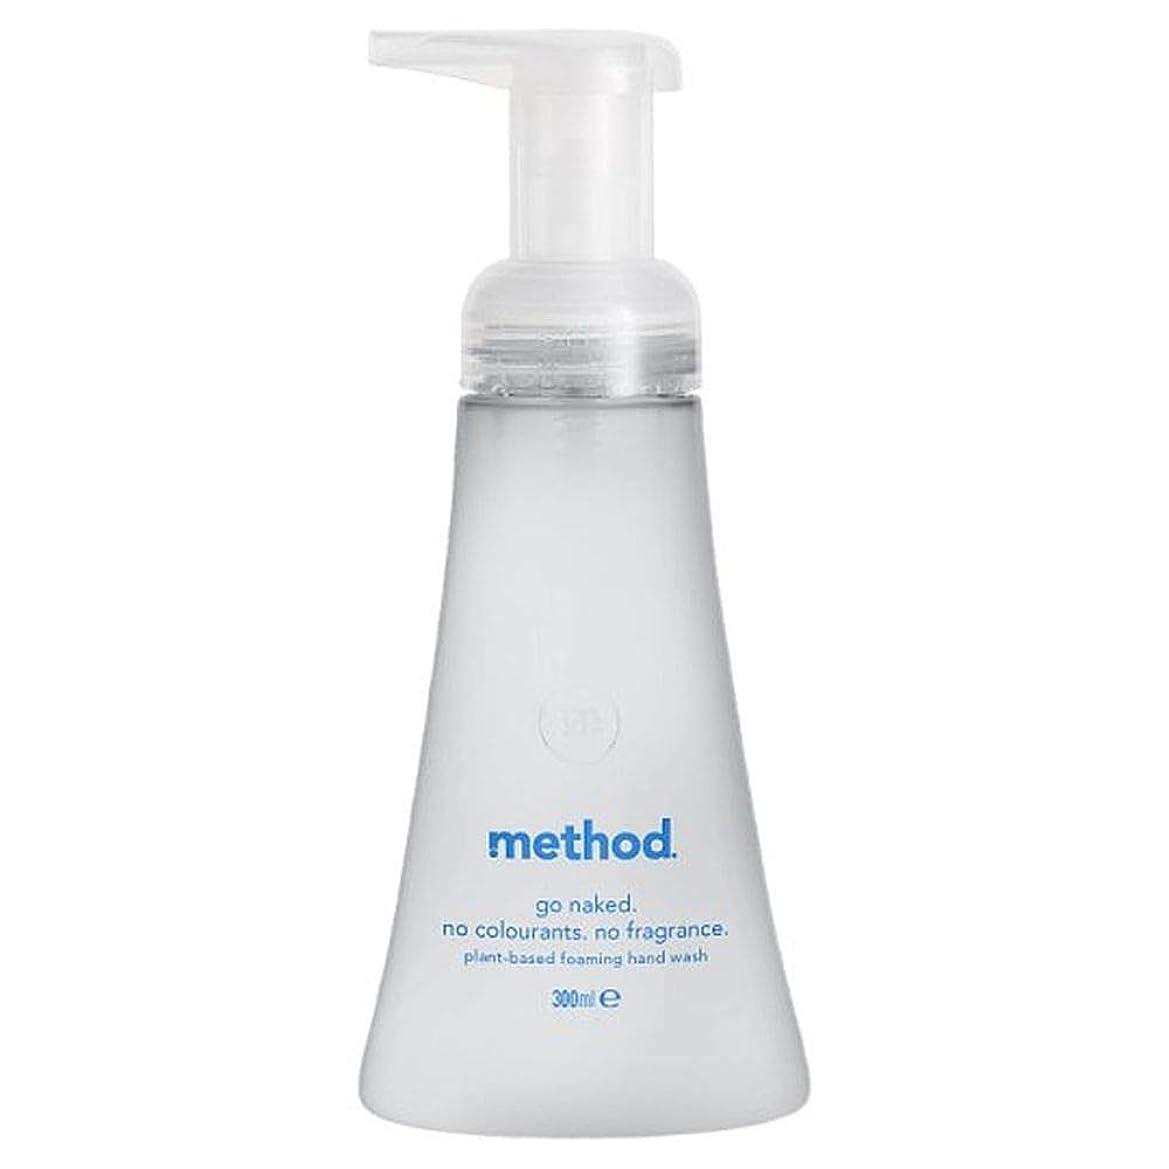 今晩ブレス登録する[Method ] メソッド裸発泡手洗いの300ミリリットル - Method Naked Foaming Handwash 300Ml [並行輸入品]